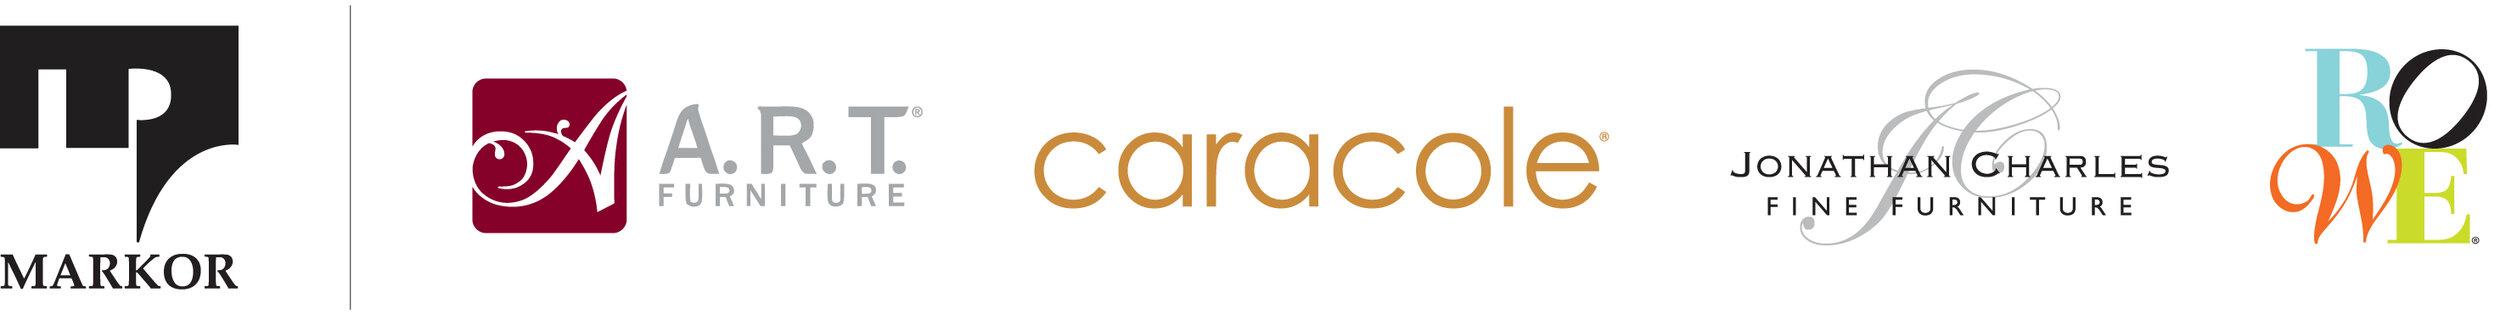 Markor_Branding logos.jpg